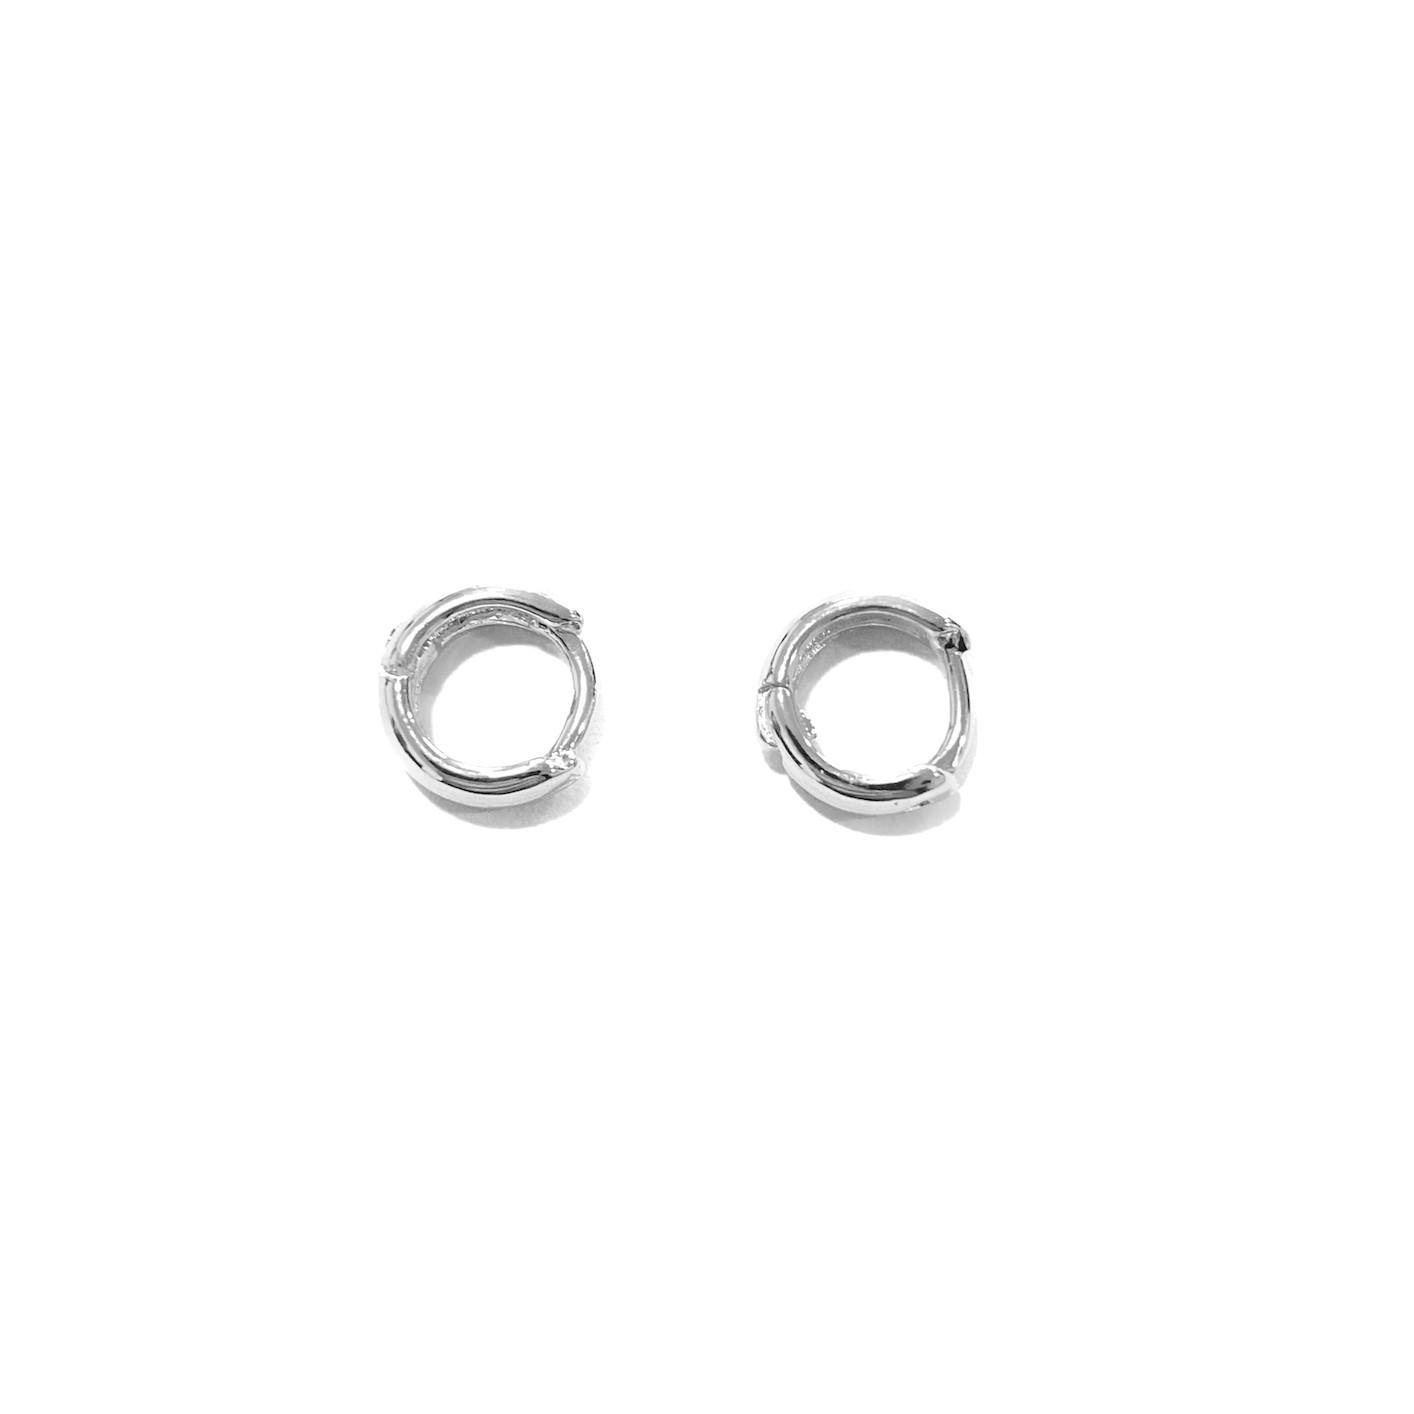 Brinco Argola Anatômica P (Banho Prata 925) (Piercing Hélix)